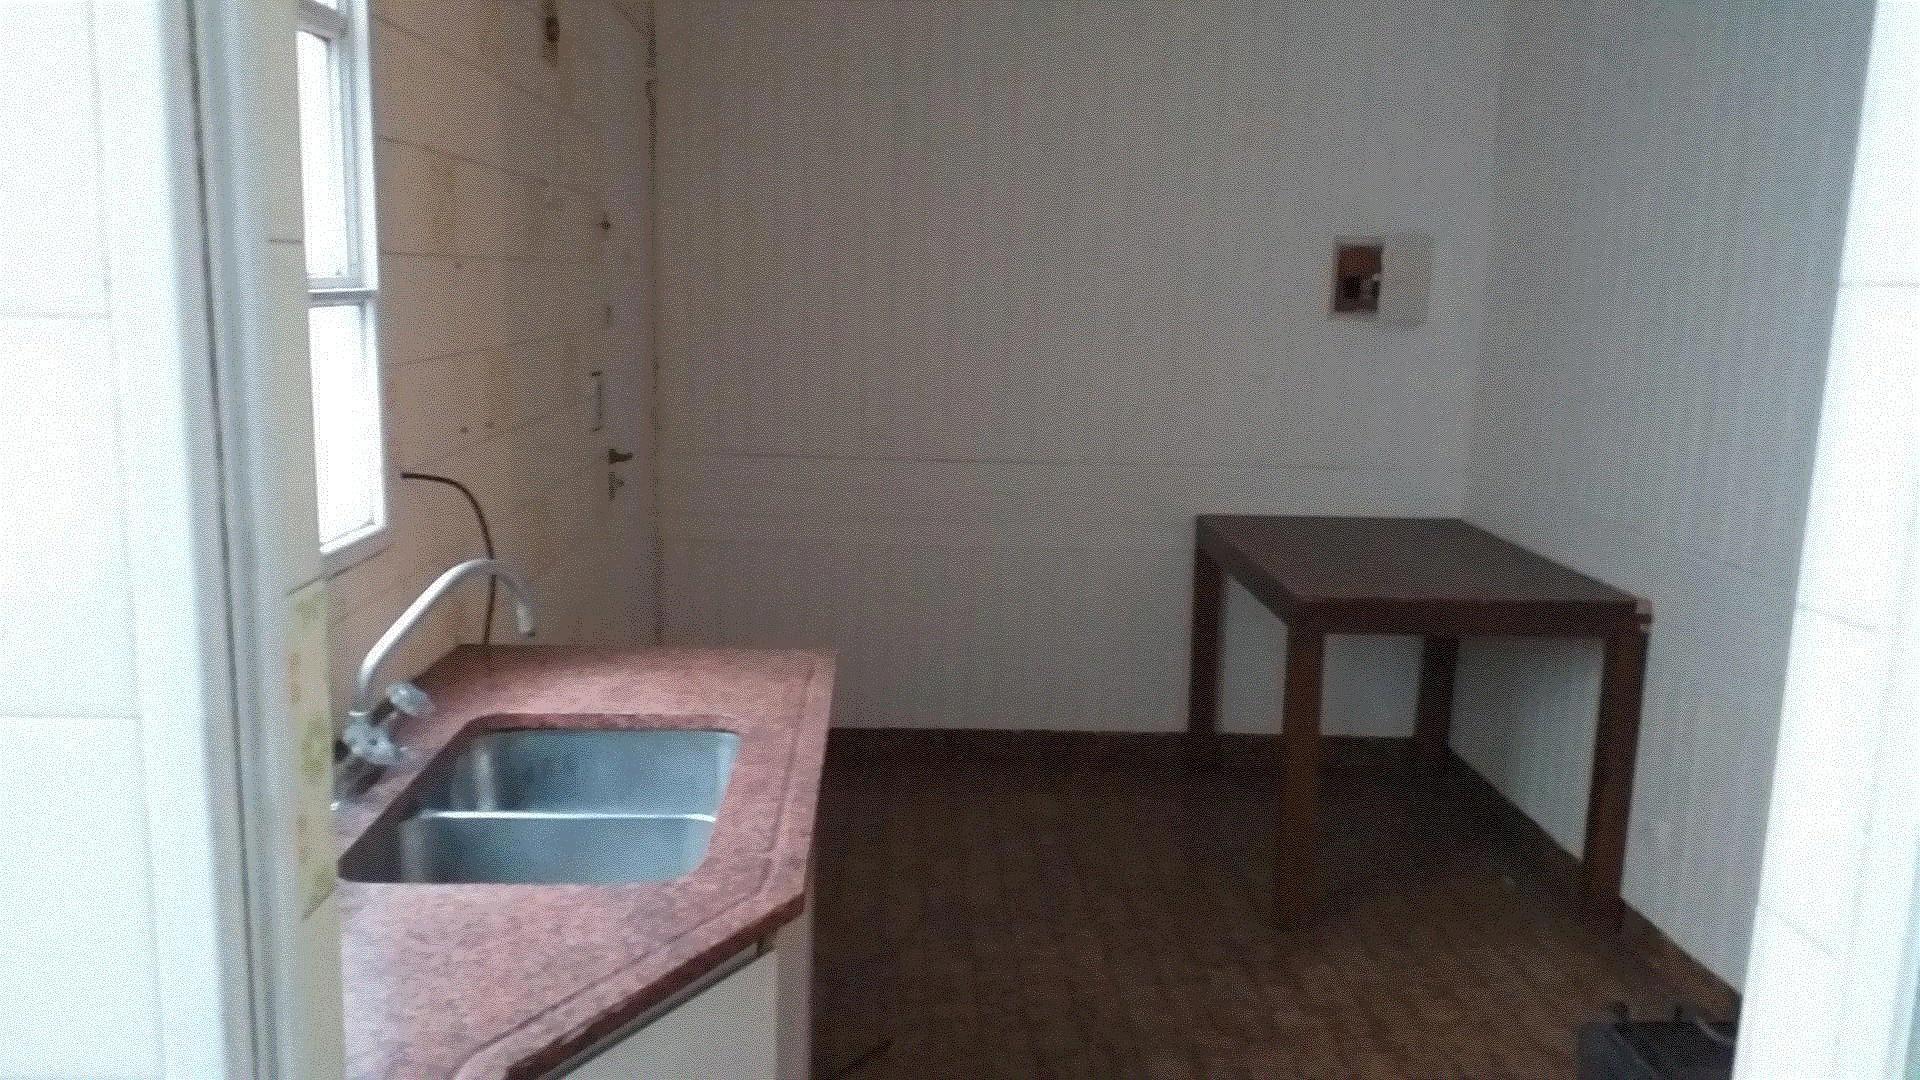 Departamento - 77 m² | 3 dormitorios | 40 años